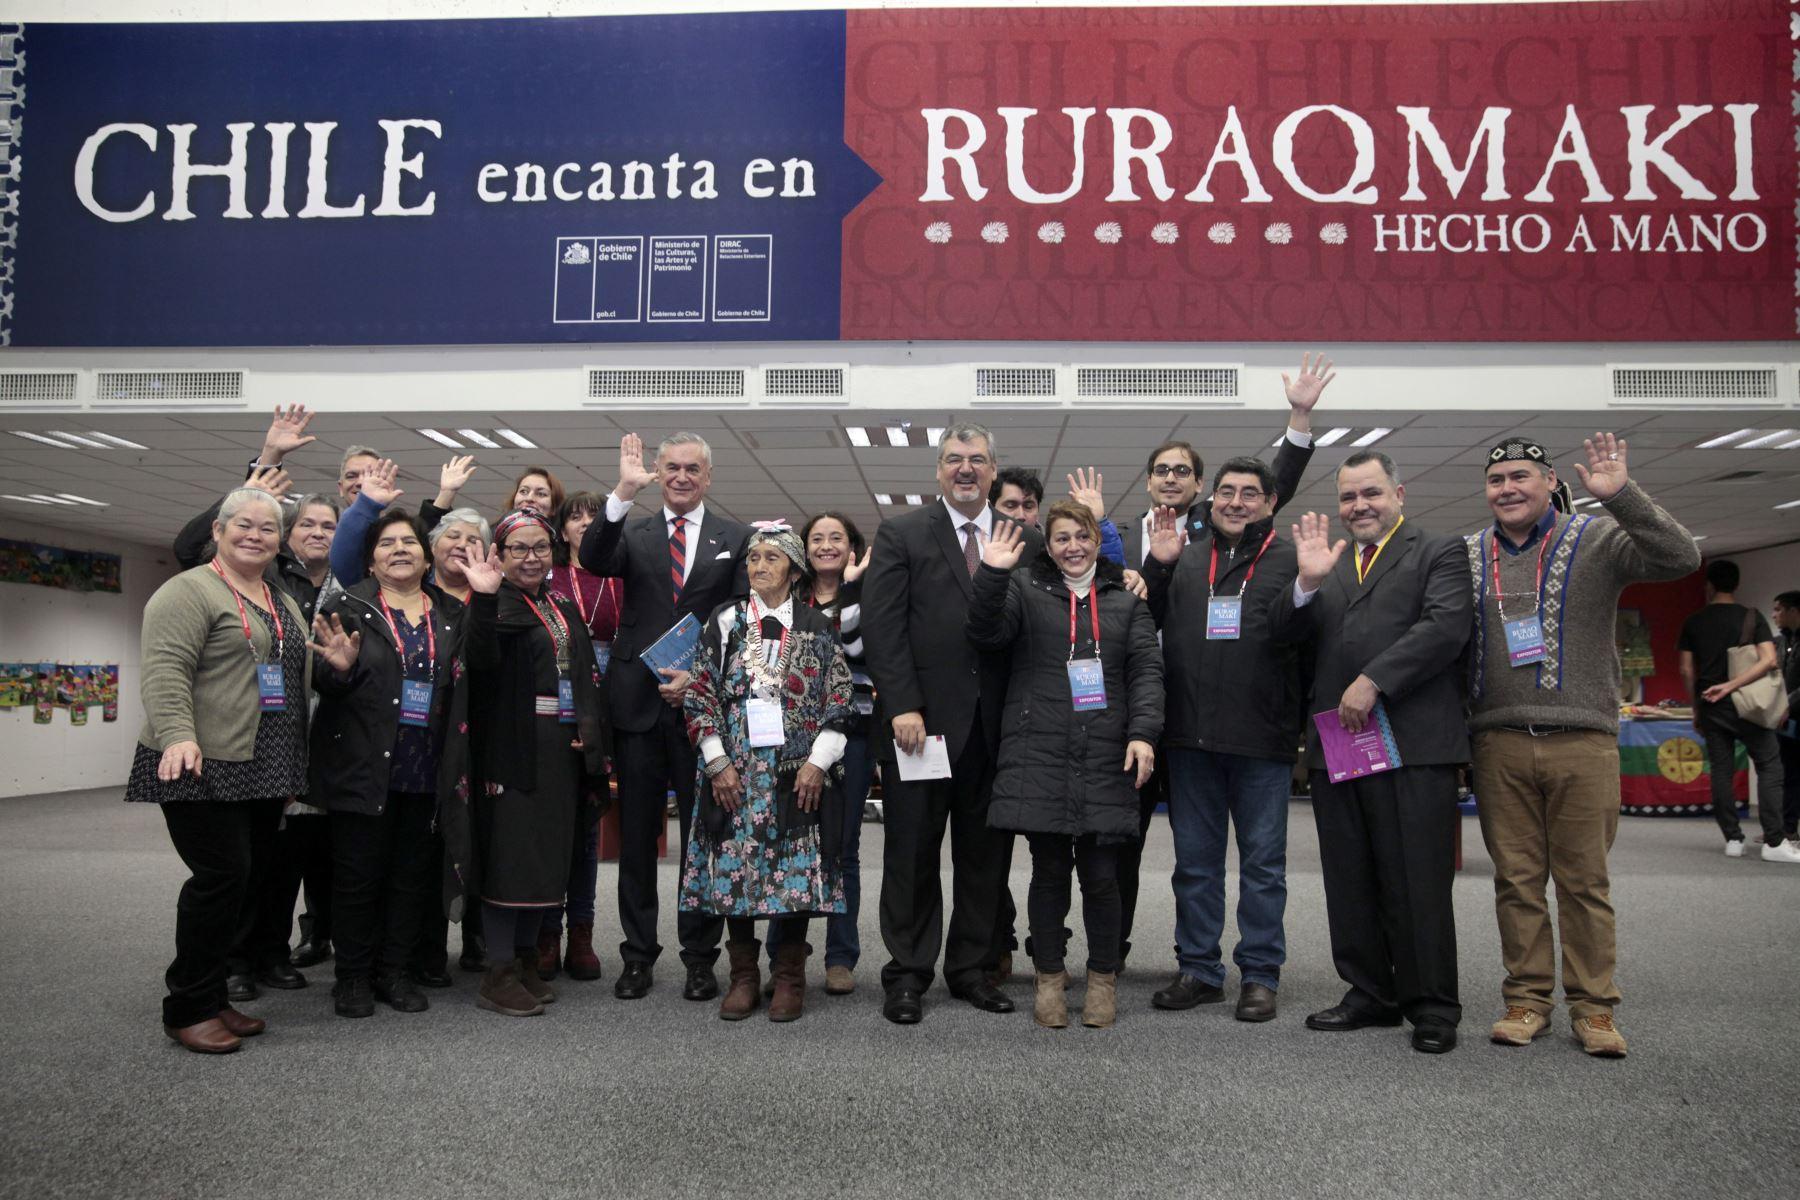 """Chile es el país invitado para presentar a sus artesanos en la Feria Ruraq Maki, """"Hecho a mano"""".Foto: ANDINA/ Miguel Mejía"""